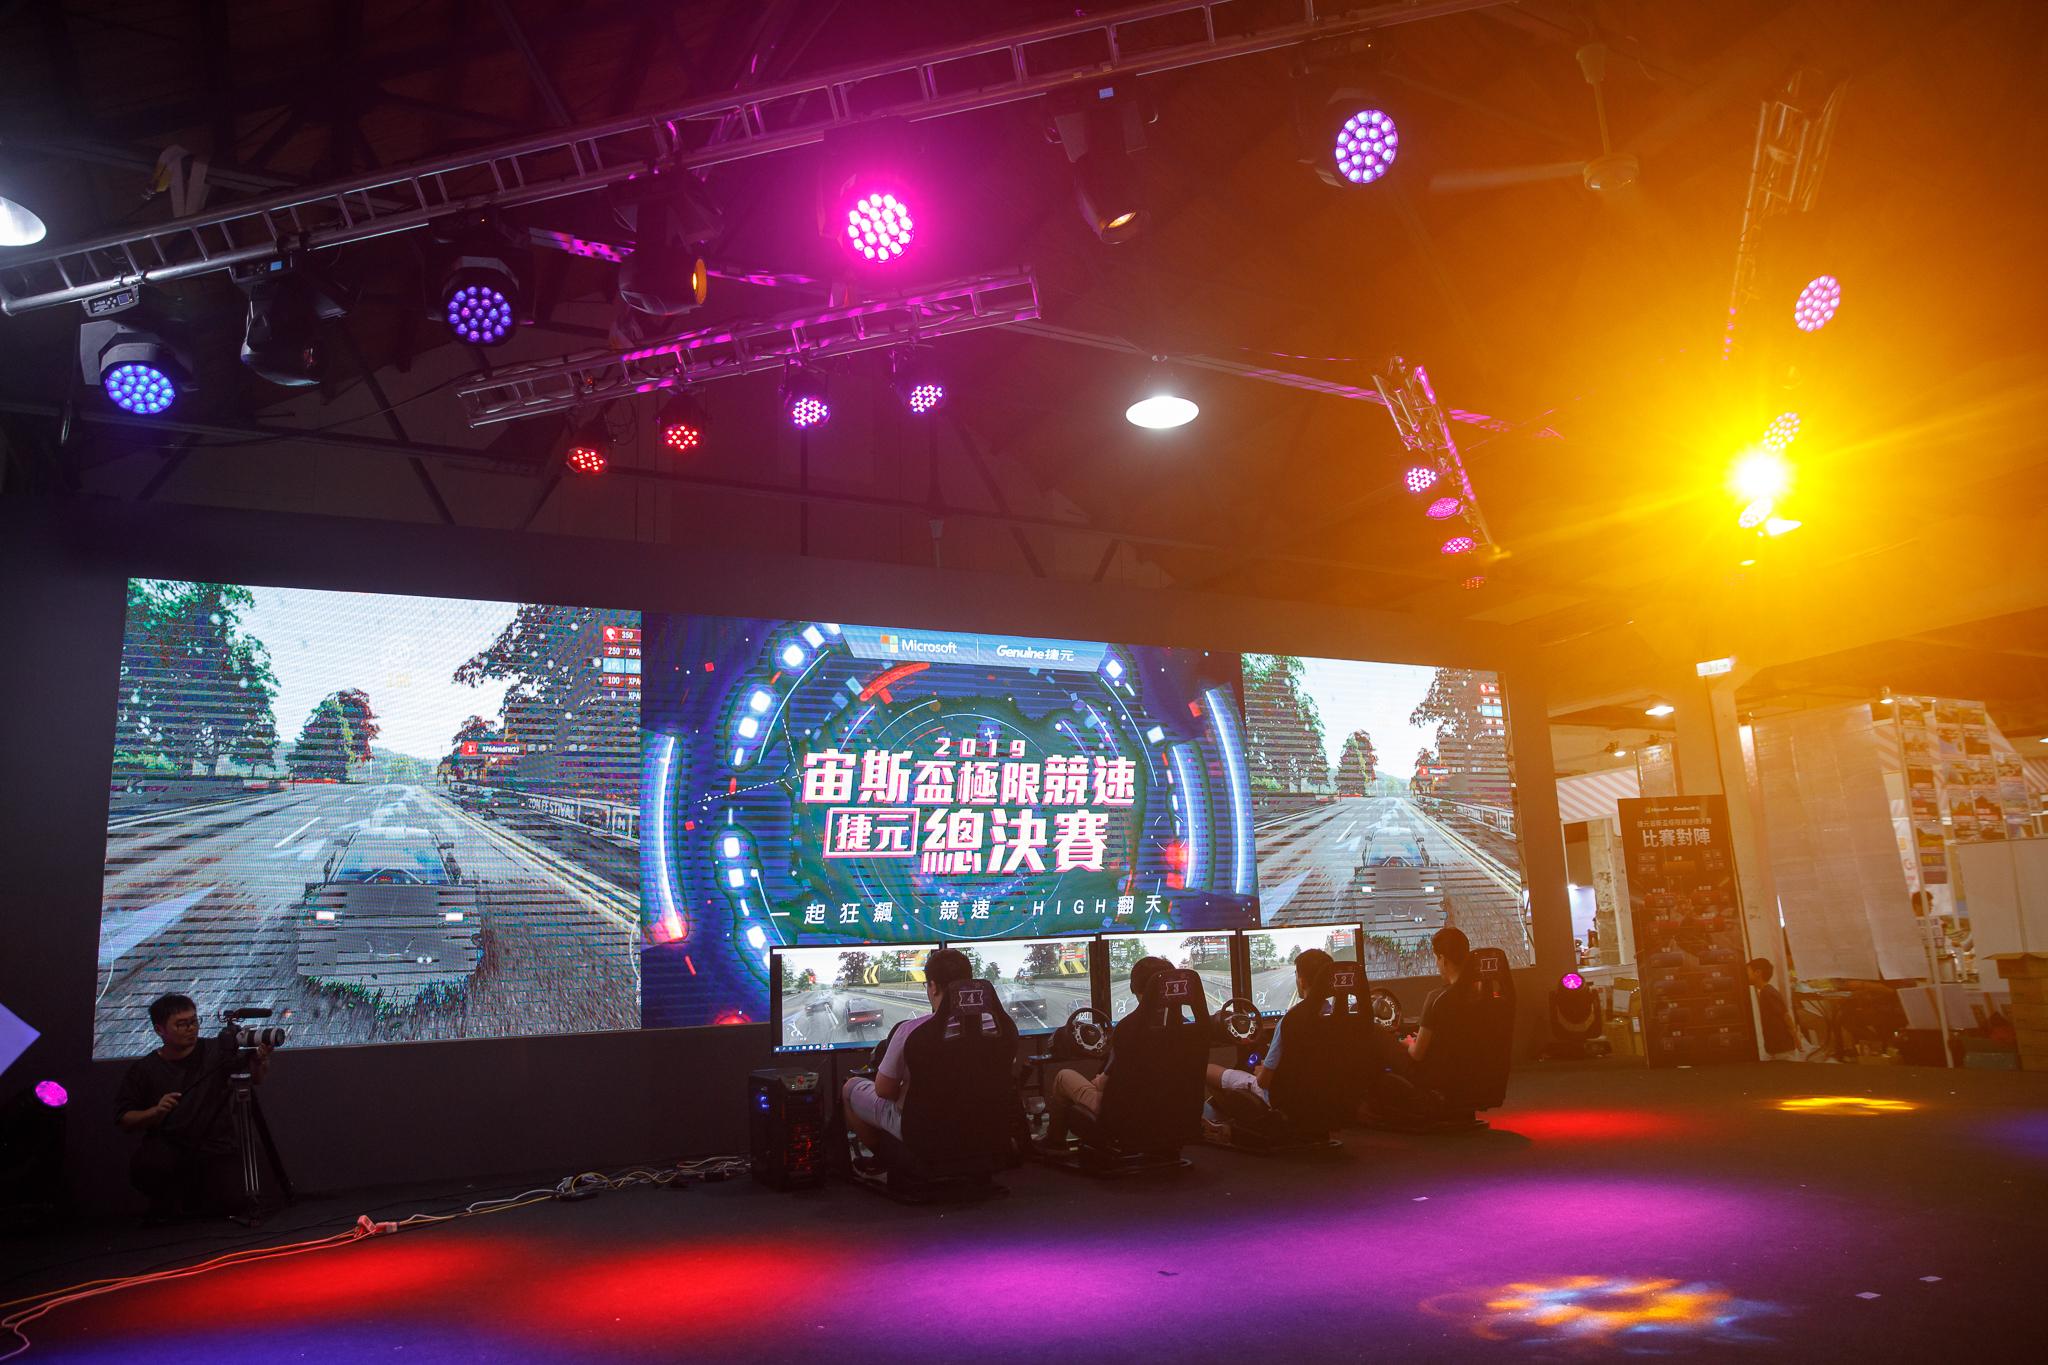 眾所矚目的「捷元宙斯盃極限競速總決賽」,於上週日(5/26)在華山文創園區火熱登場,當天吸引超過50名選手前來挑戰,現場戰況可說是空前刺激。